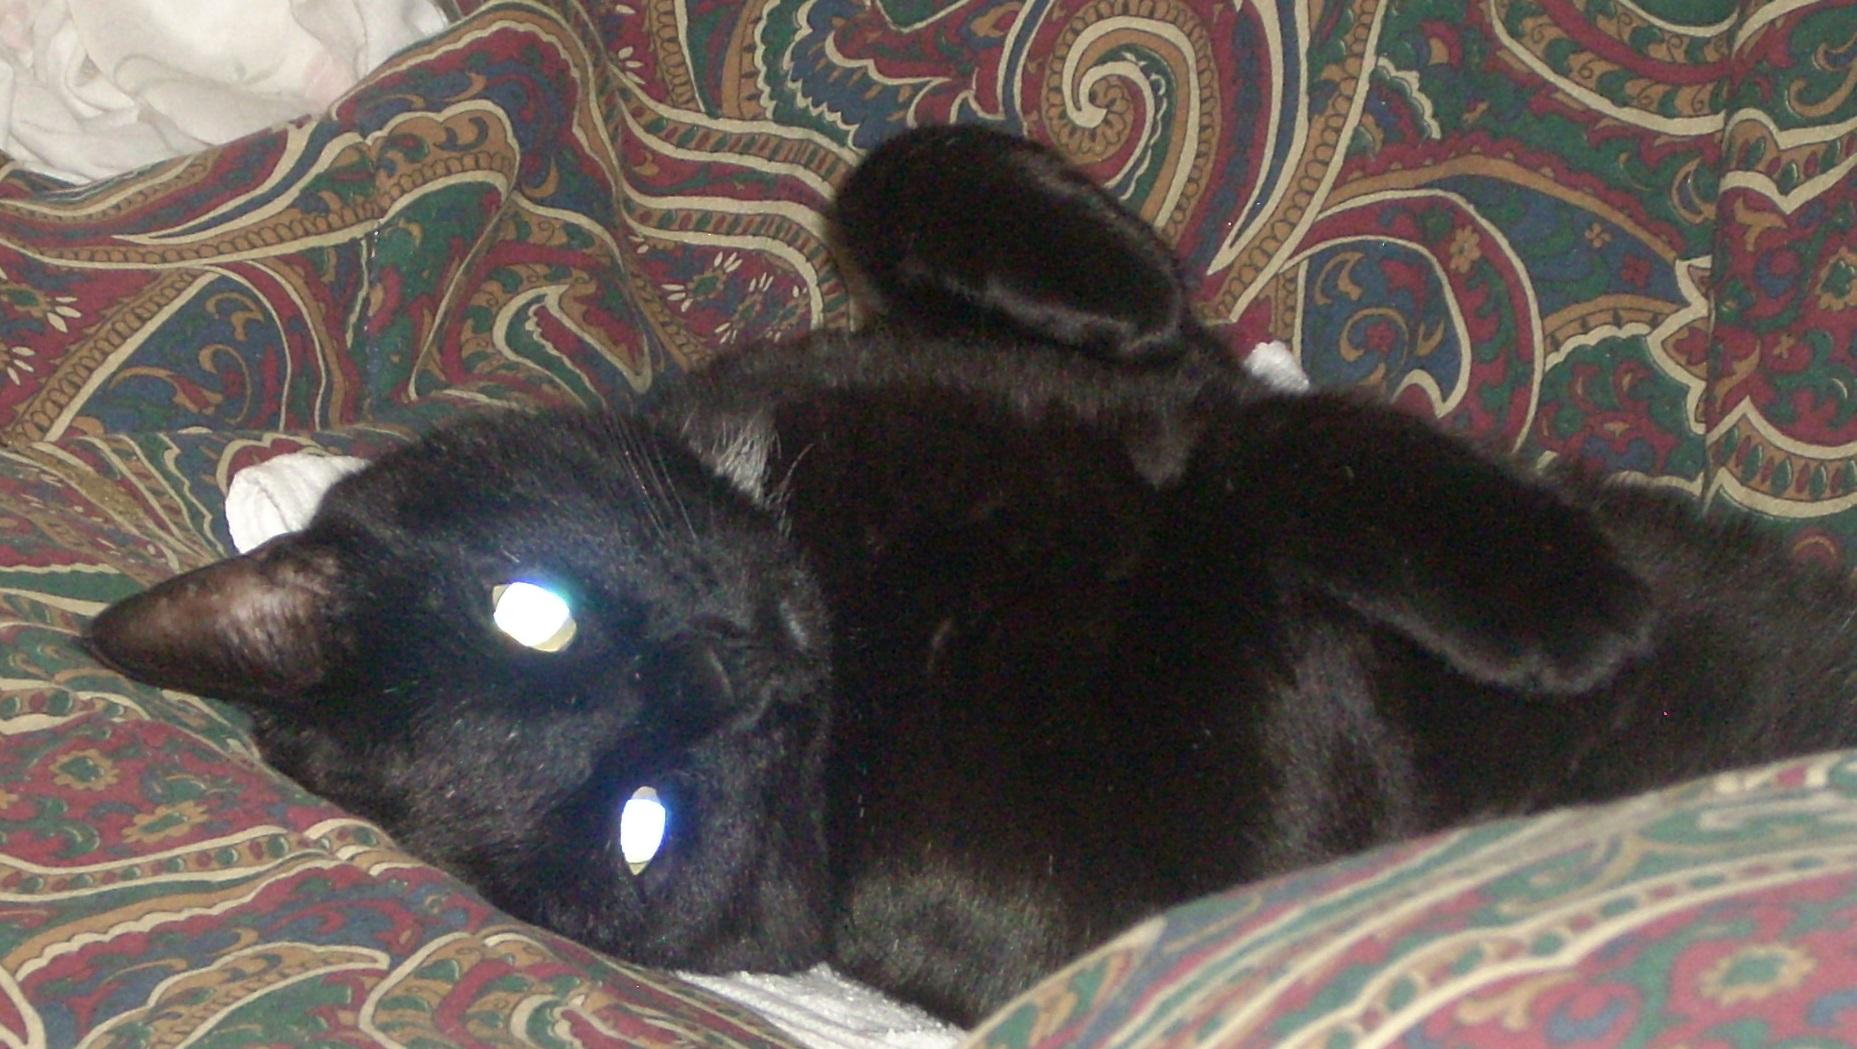 Metro Cat Rescue saved this black cat!